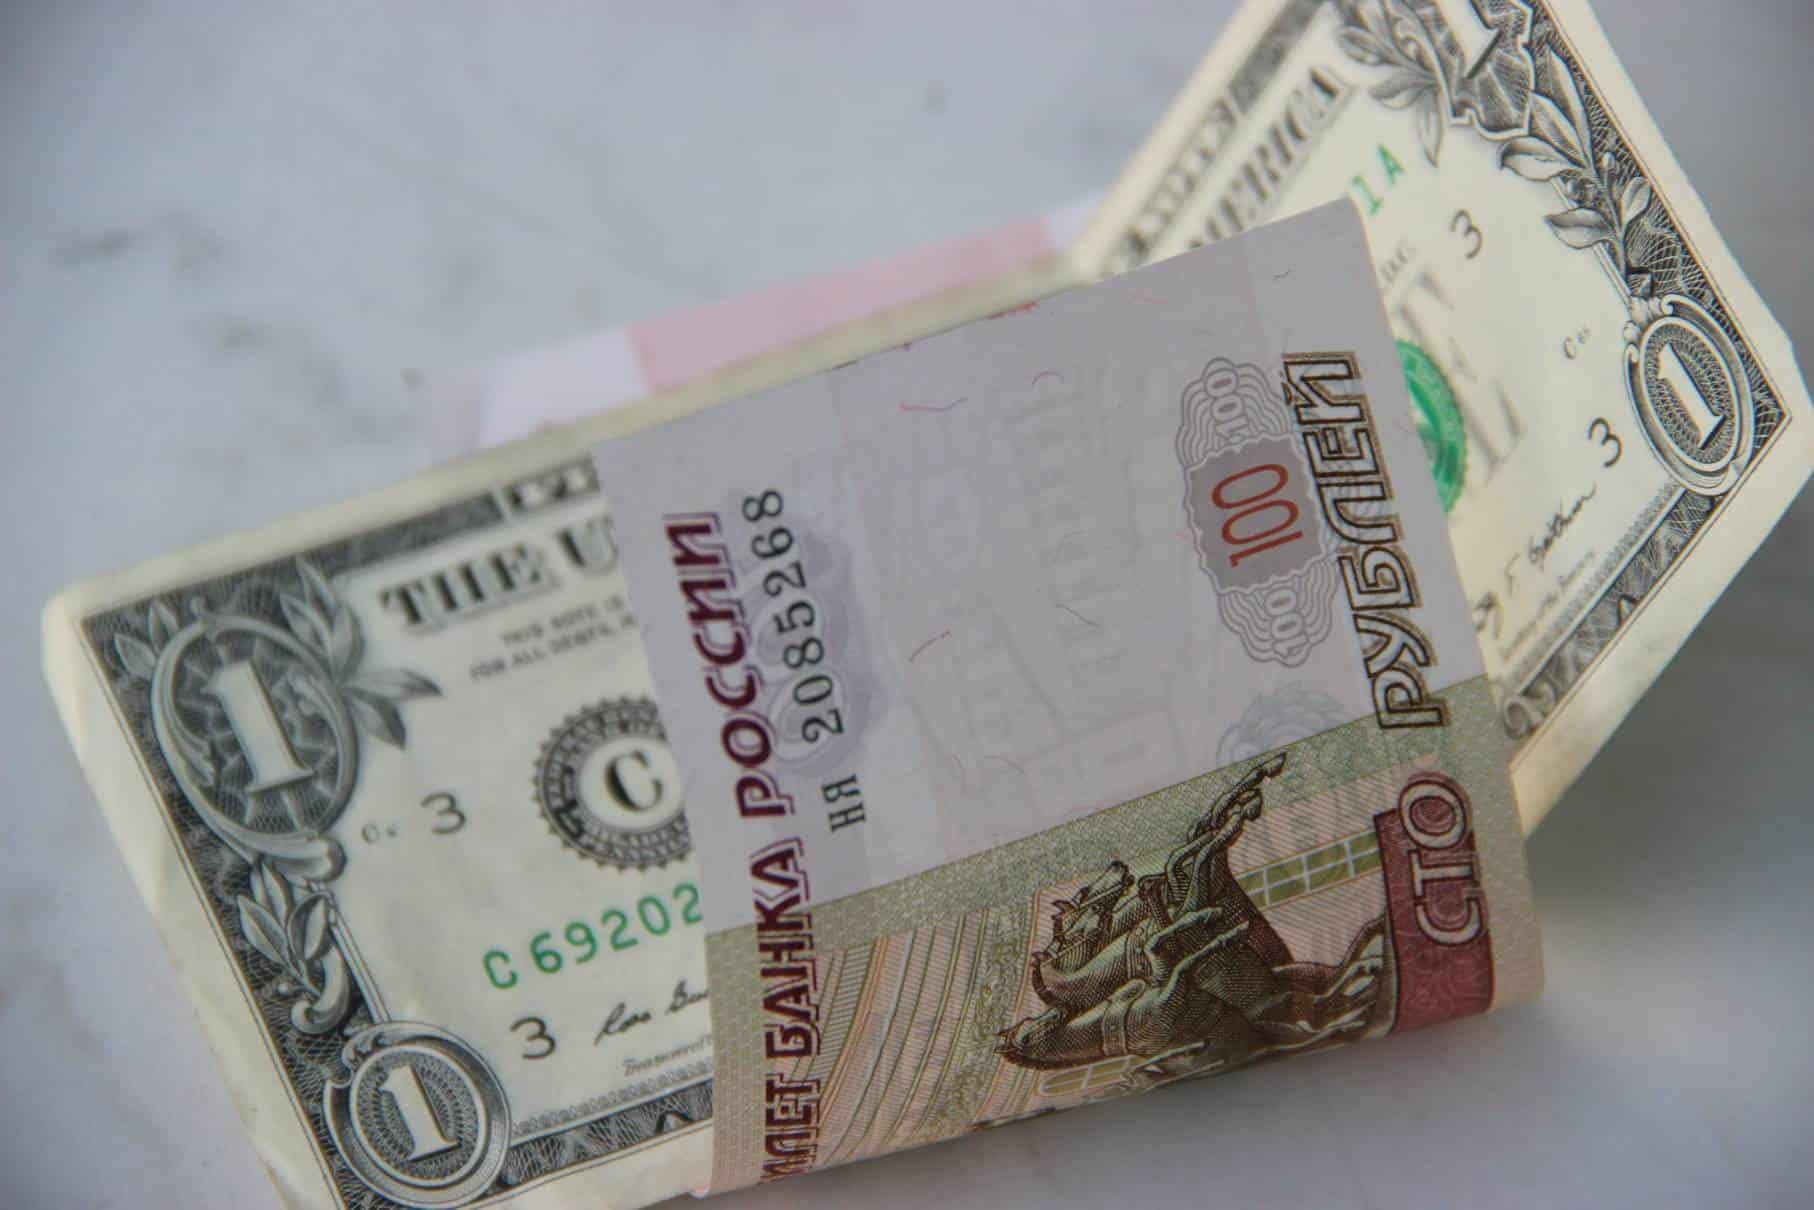 Курс доллара на июль 2019: обвалится или нет, мнение аналитиков, рубль к доллару и евро в июле